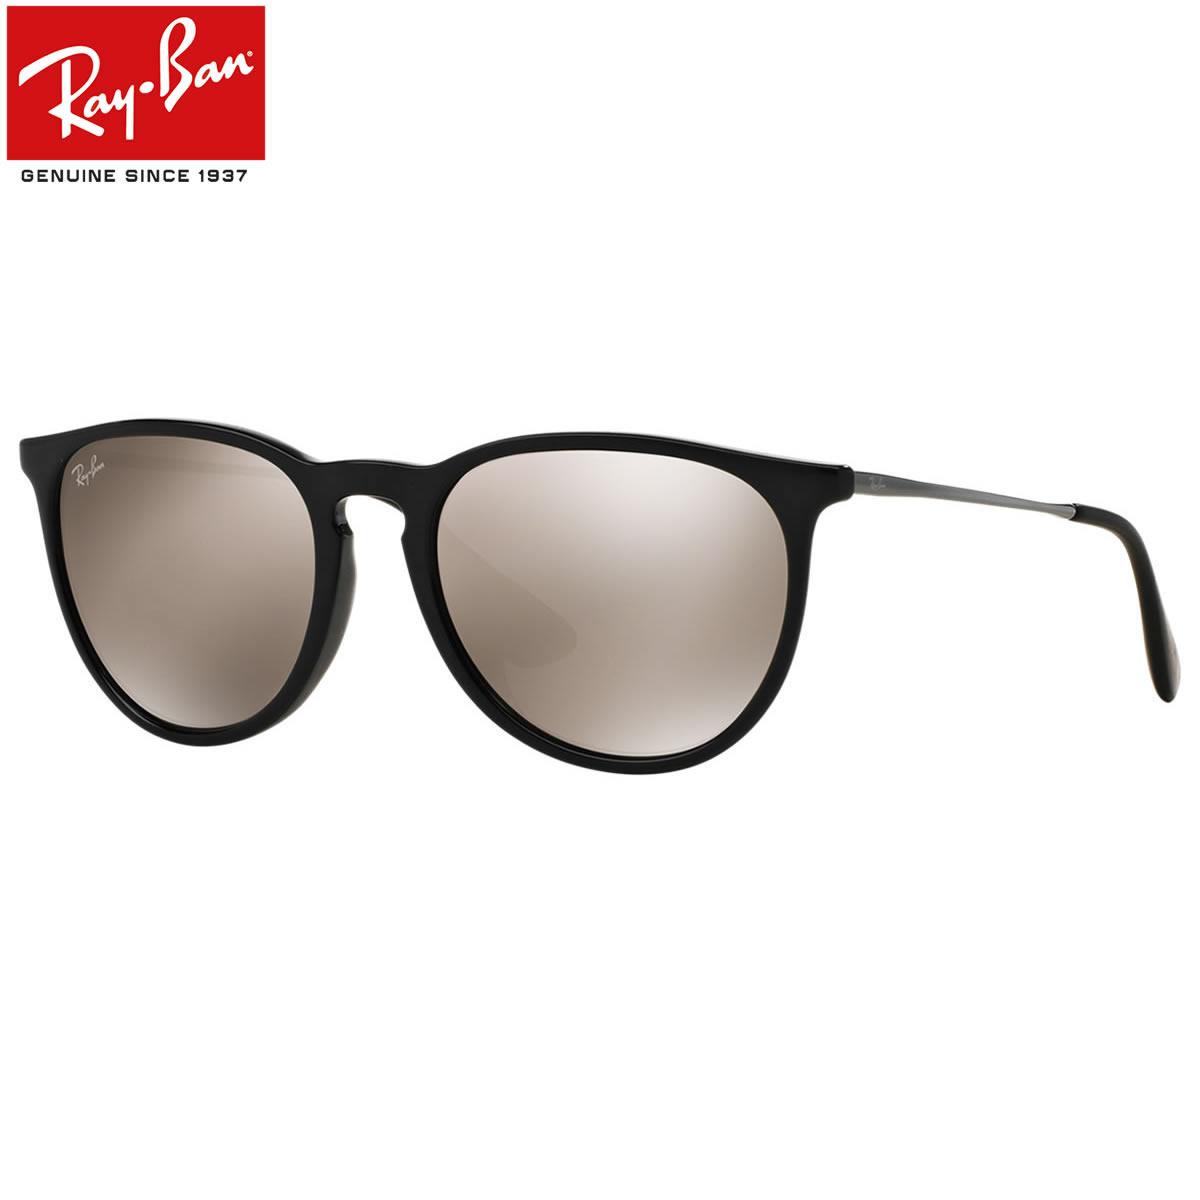 ほぼ全品20%〜最大55%ポイントバック! レイバン サングラス ミラー エリカ Ray-Ban RB4171F 601/5A 57サイズレイバン RAYBAN ERIKA FLASH LENSES 6015A ボストン 丸メガネ ミラー フルフィット メンズ レディース